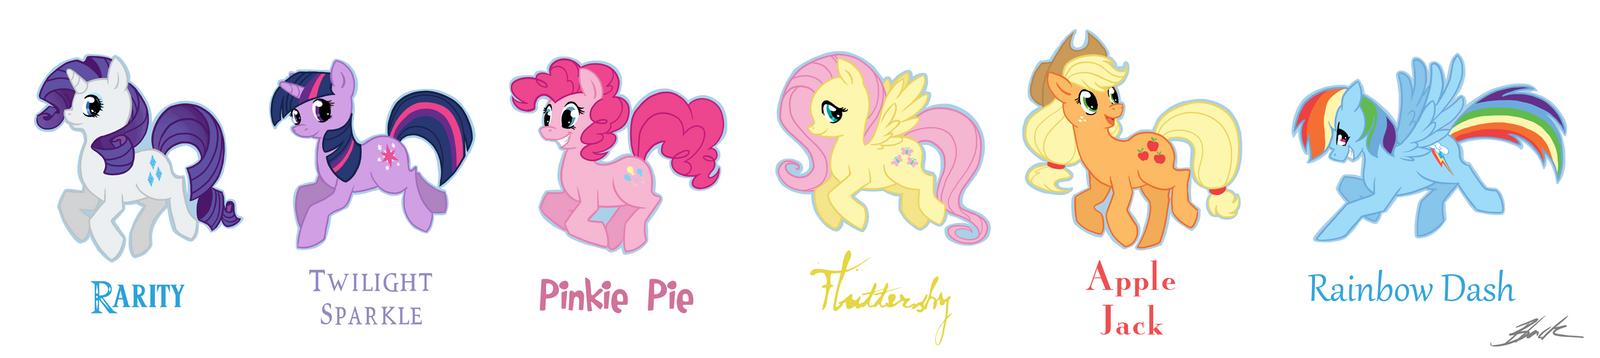 My Little Pony - Mane Six by caycowa